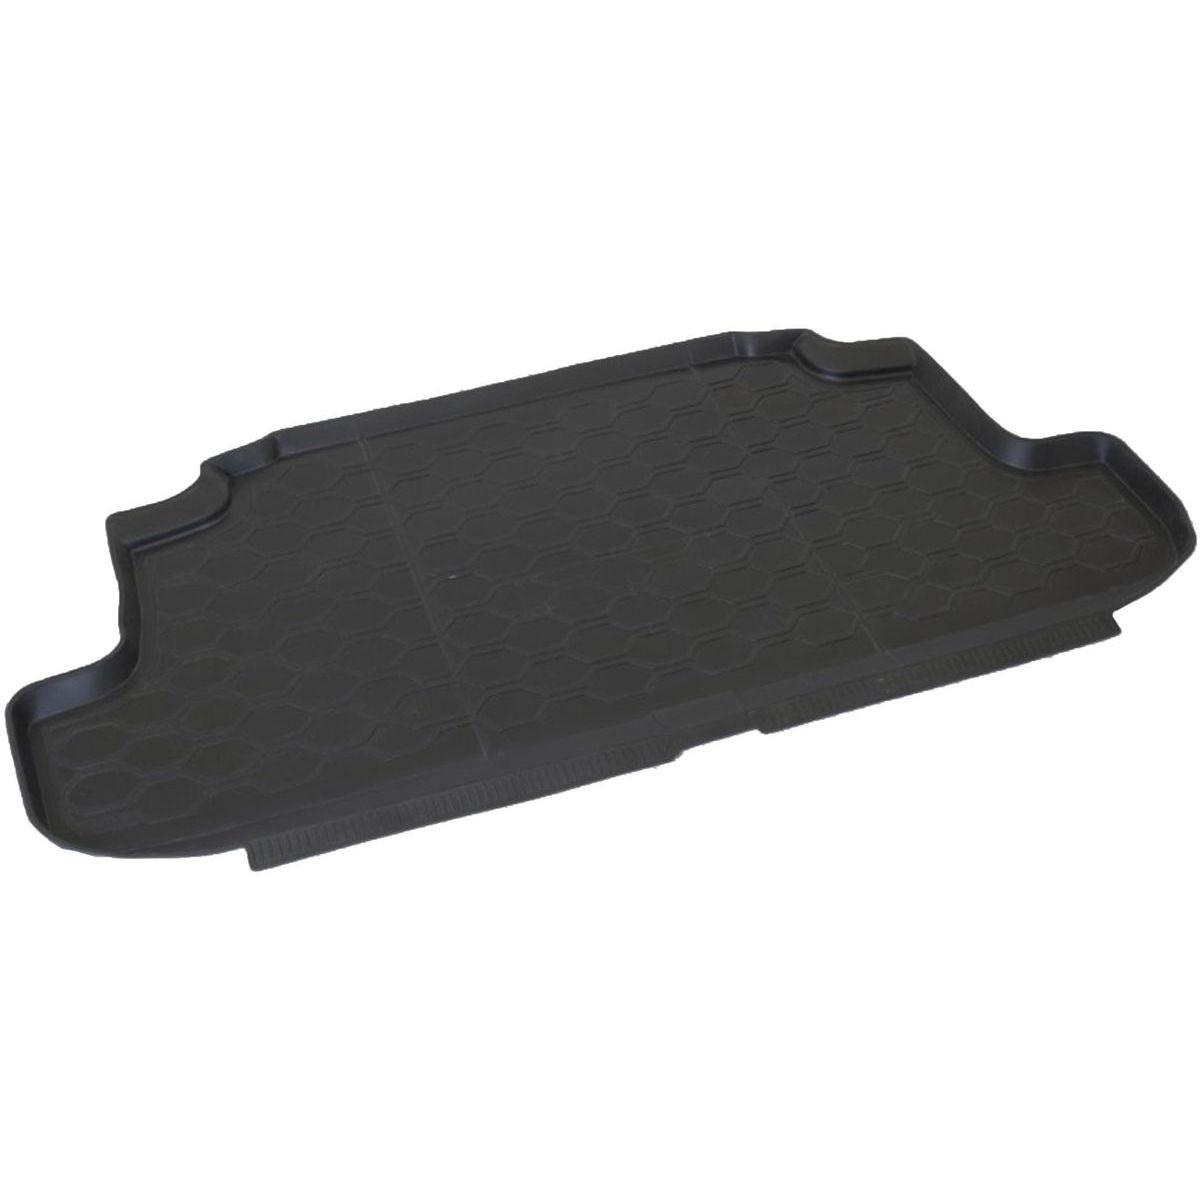 Коврик в багажник Rival для Lada 4x4 2009-н.в., 3-двери, полиуритан, 1 шт. 1600500116005001Коврик багажника Rival позволяет надежно защитить и сохранить от грязи багажный отсек вашего автомобиля на протяжении всего срока эксплуатации, полностью повторяют геометрию багажника. - Высокий борт специальной конструкции препятствует попаданию разлившейся жидкости и грязи на внутреннюю отделку. - Произведены из первичных материалов, в результате чего отсутствует неприятный запах в салоне автомобиля. - Рисунок обеспечивает противоскользящую поверхность, благодаря которой перевозимые предметы не перекатываются в багажном отделении, а остаются на своих местах. - Высокая эластичность, можно беспрепятственно эксплуатировать при температуре от -45°С до +45°С.- Изготовлены из высококачественного и экологичного материала, не подверженного воздействию кислот, щелочей и нефтепродуктов. Уважаемые клиенты! Обращаем ваше внимание, что коврик имеет форму, соответствующую модели данного автомобиля. Фото служит для визуального восприятия товара.